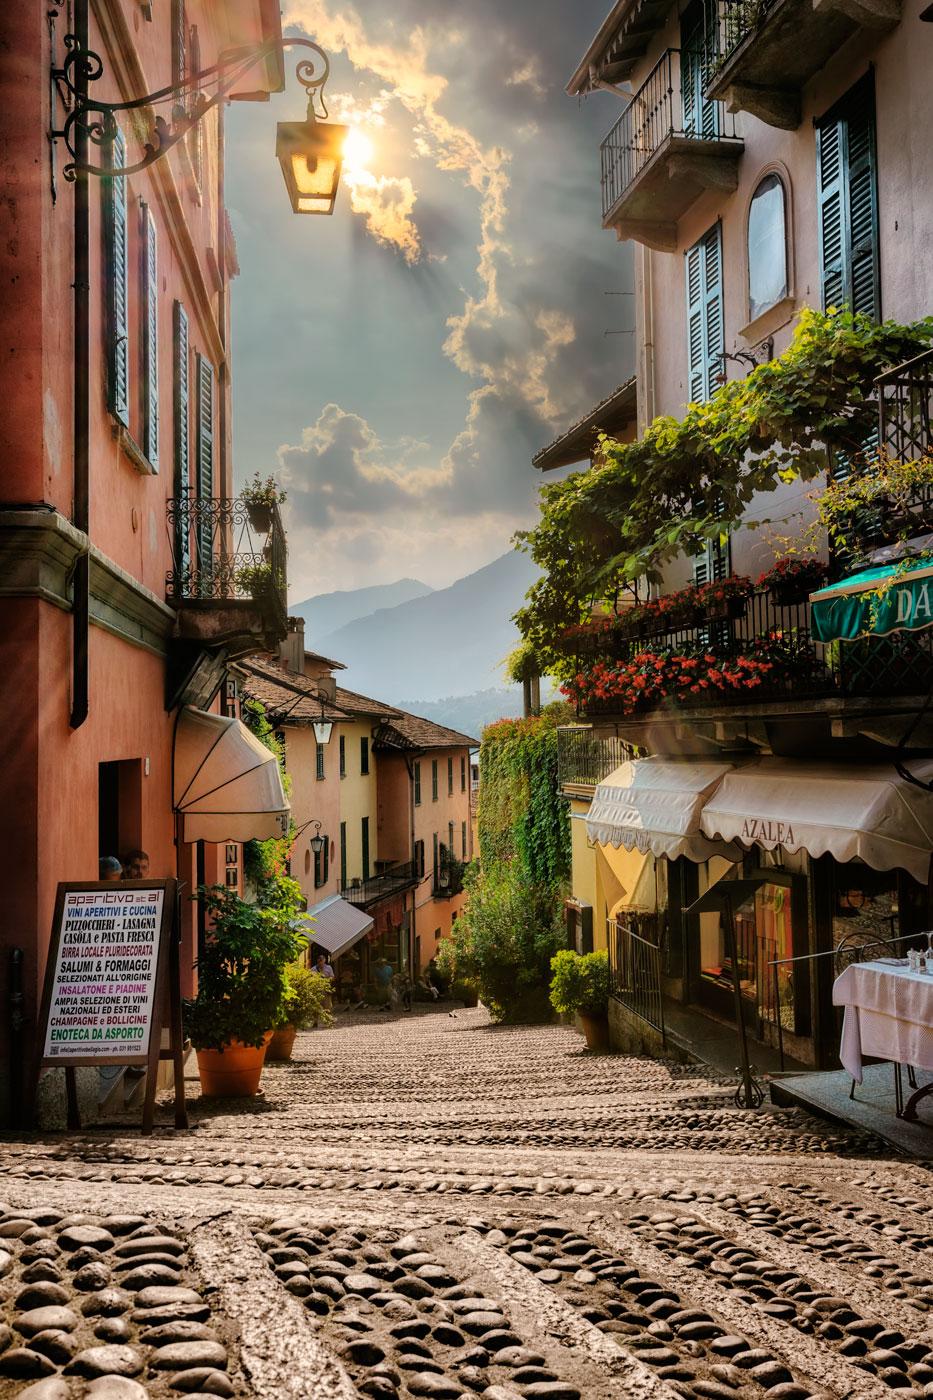 Bellagio - scalinata serbelloni, Italy